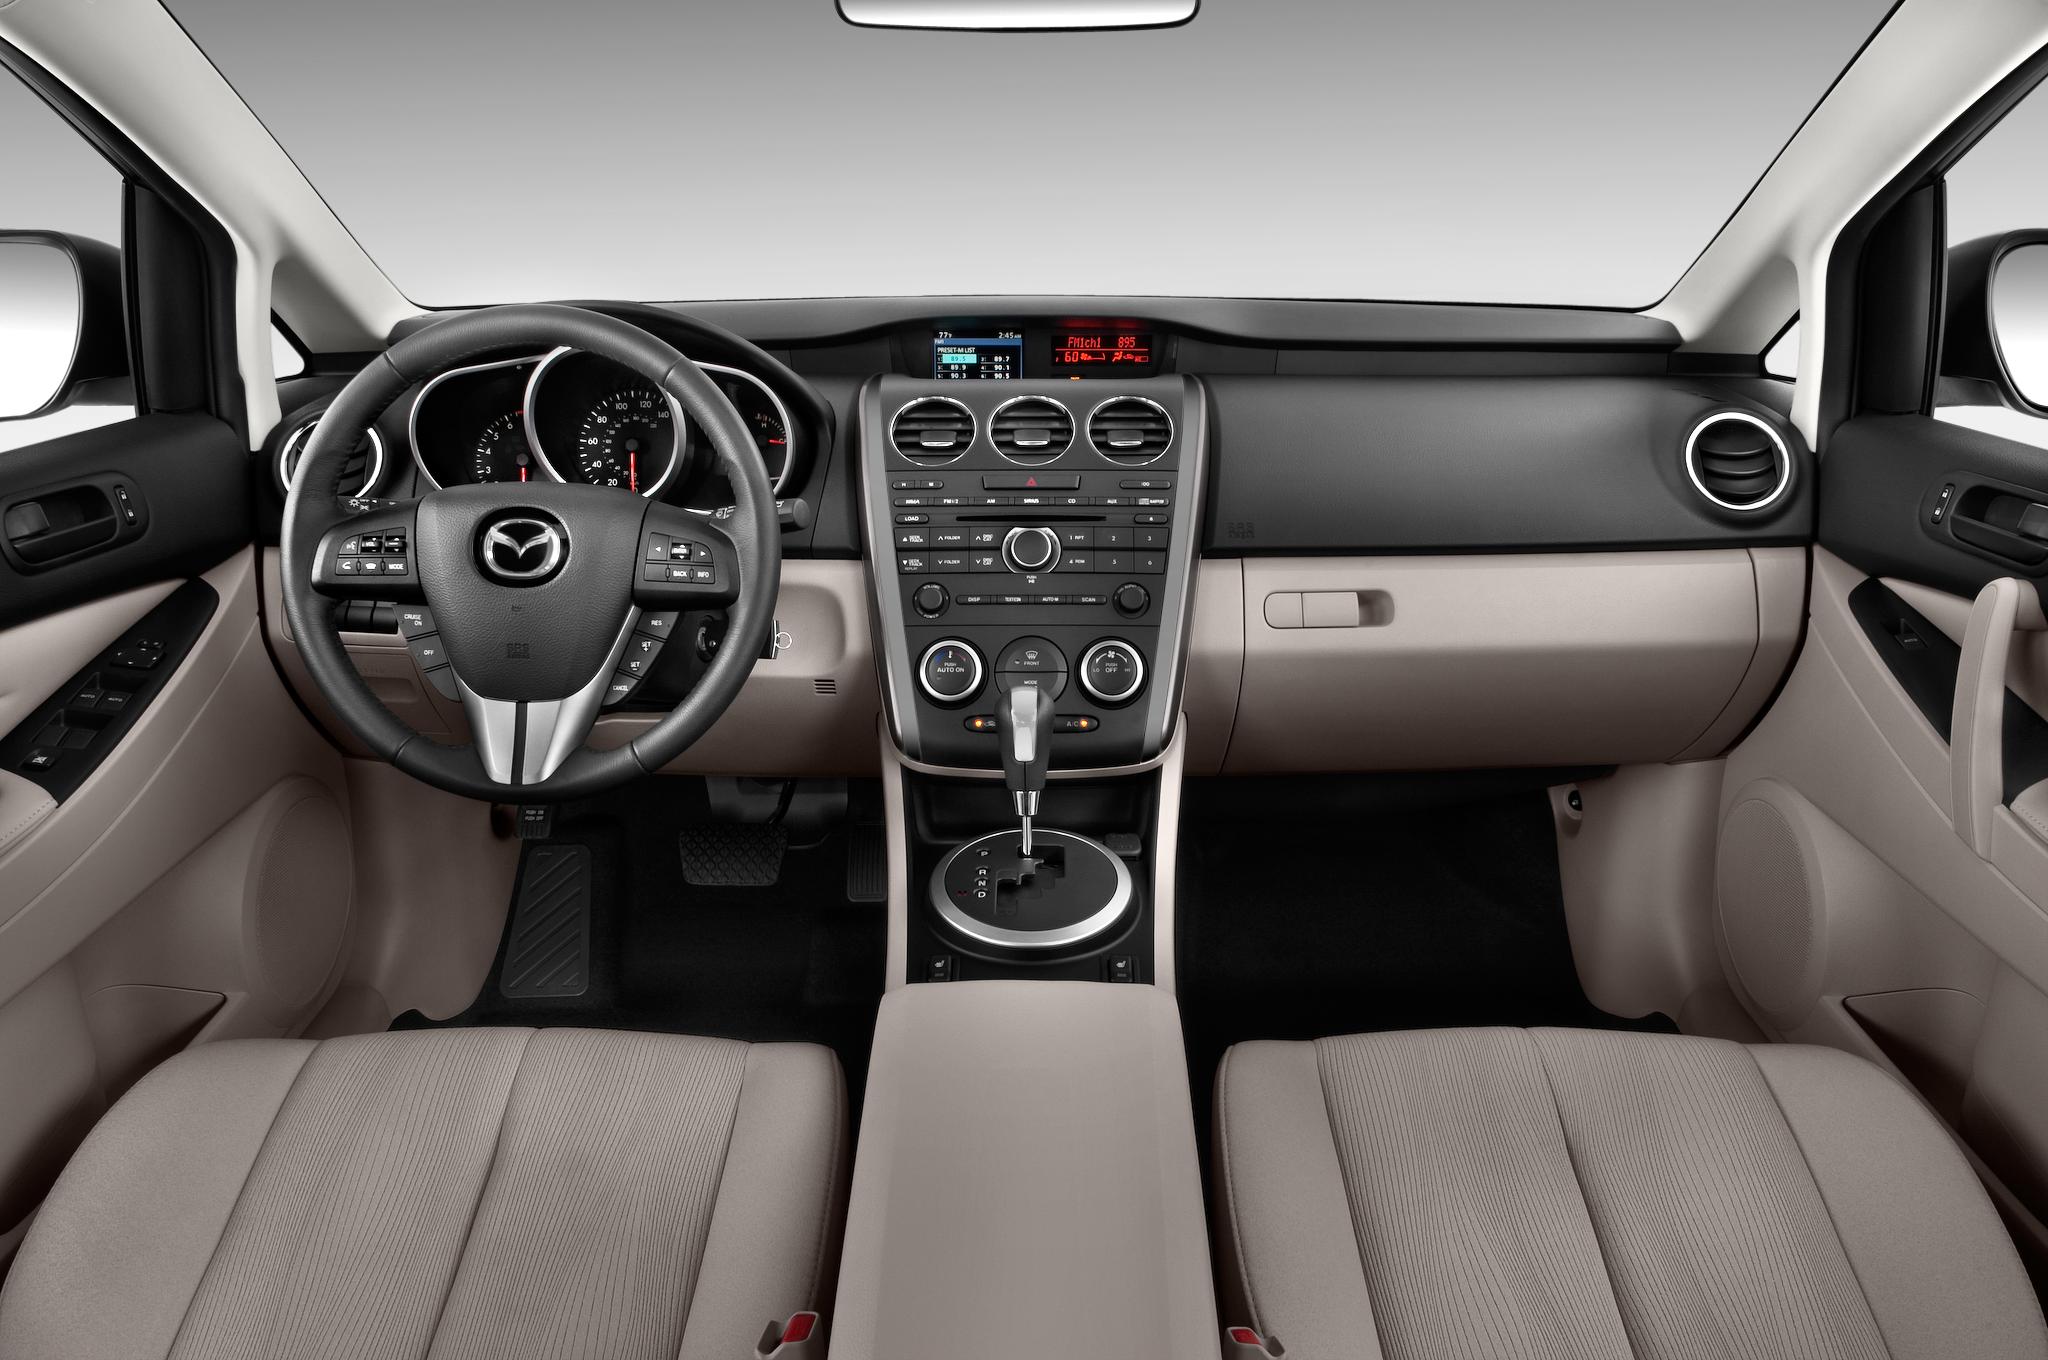 https://st.automobilemag.com/uploads/sites/10/2015/11/2010-mazda-cx7-i-sport-suv-dashboard.png